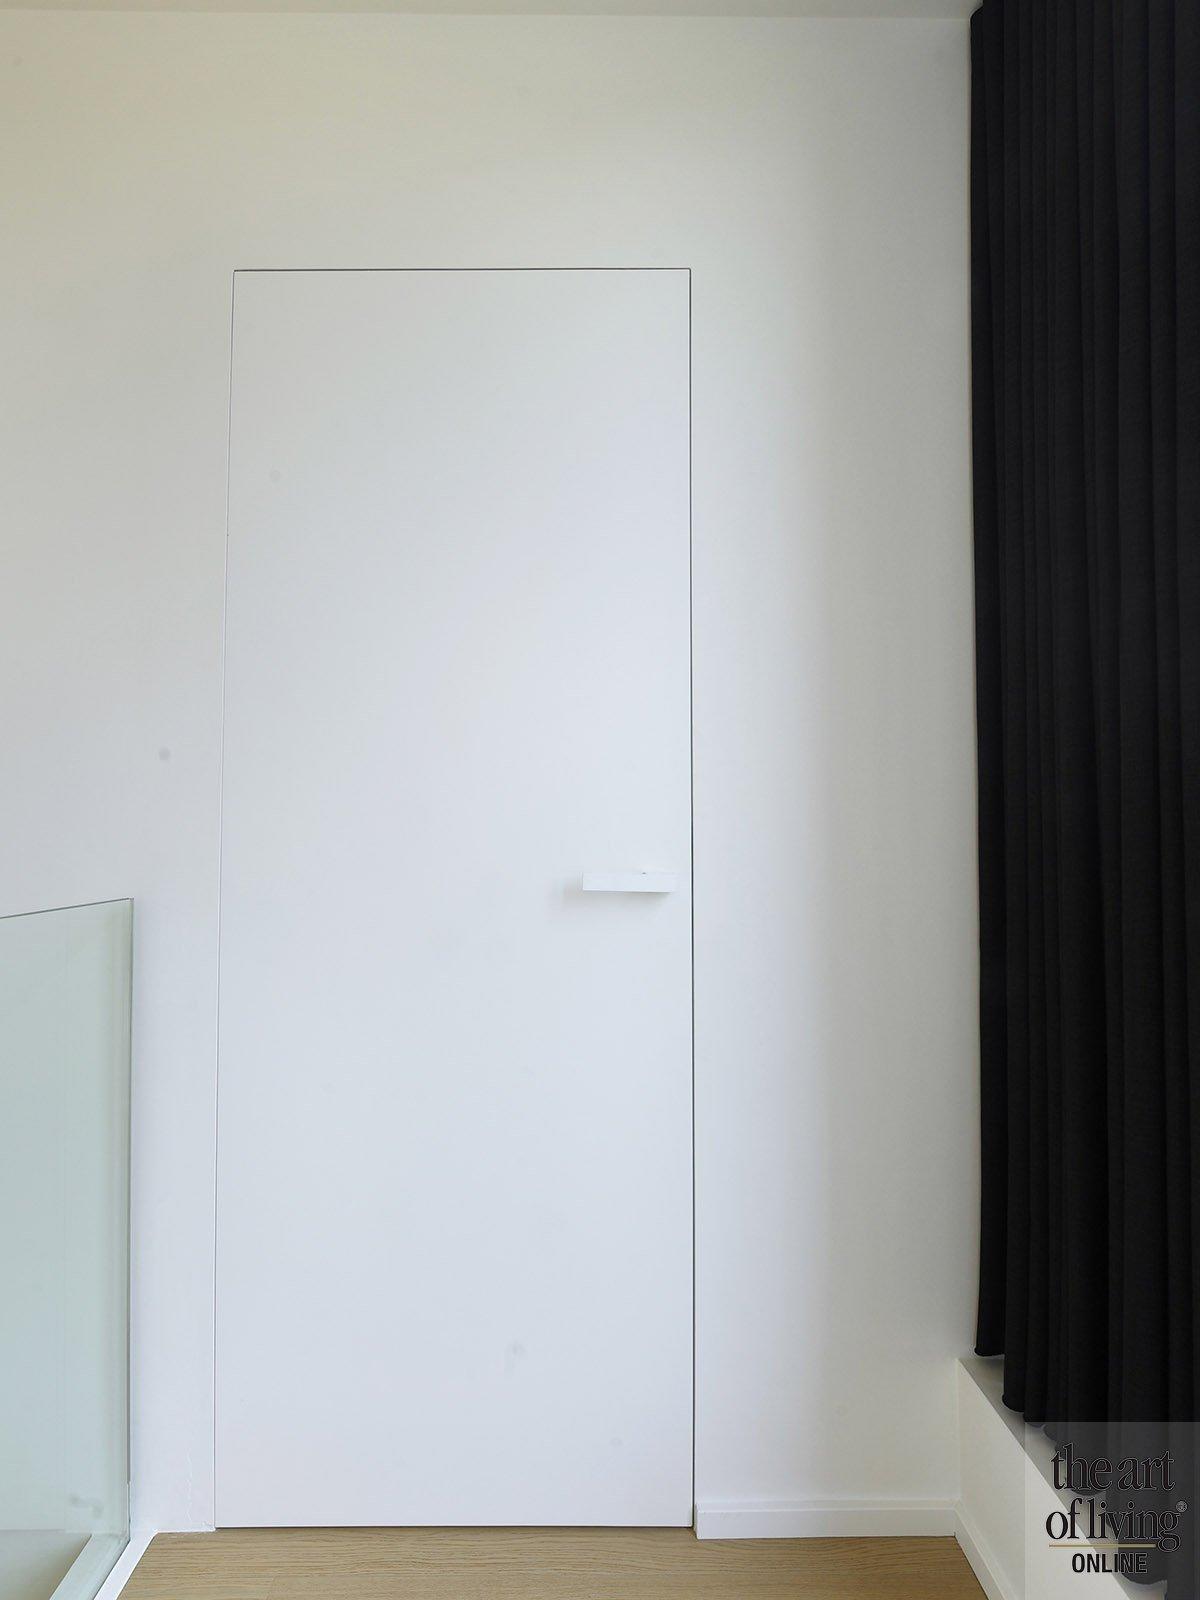 kubistische woning | Studio Segers, the art of living